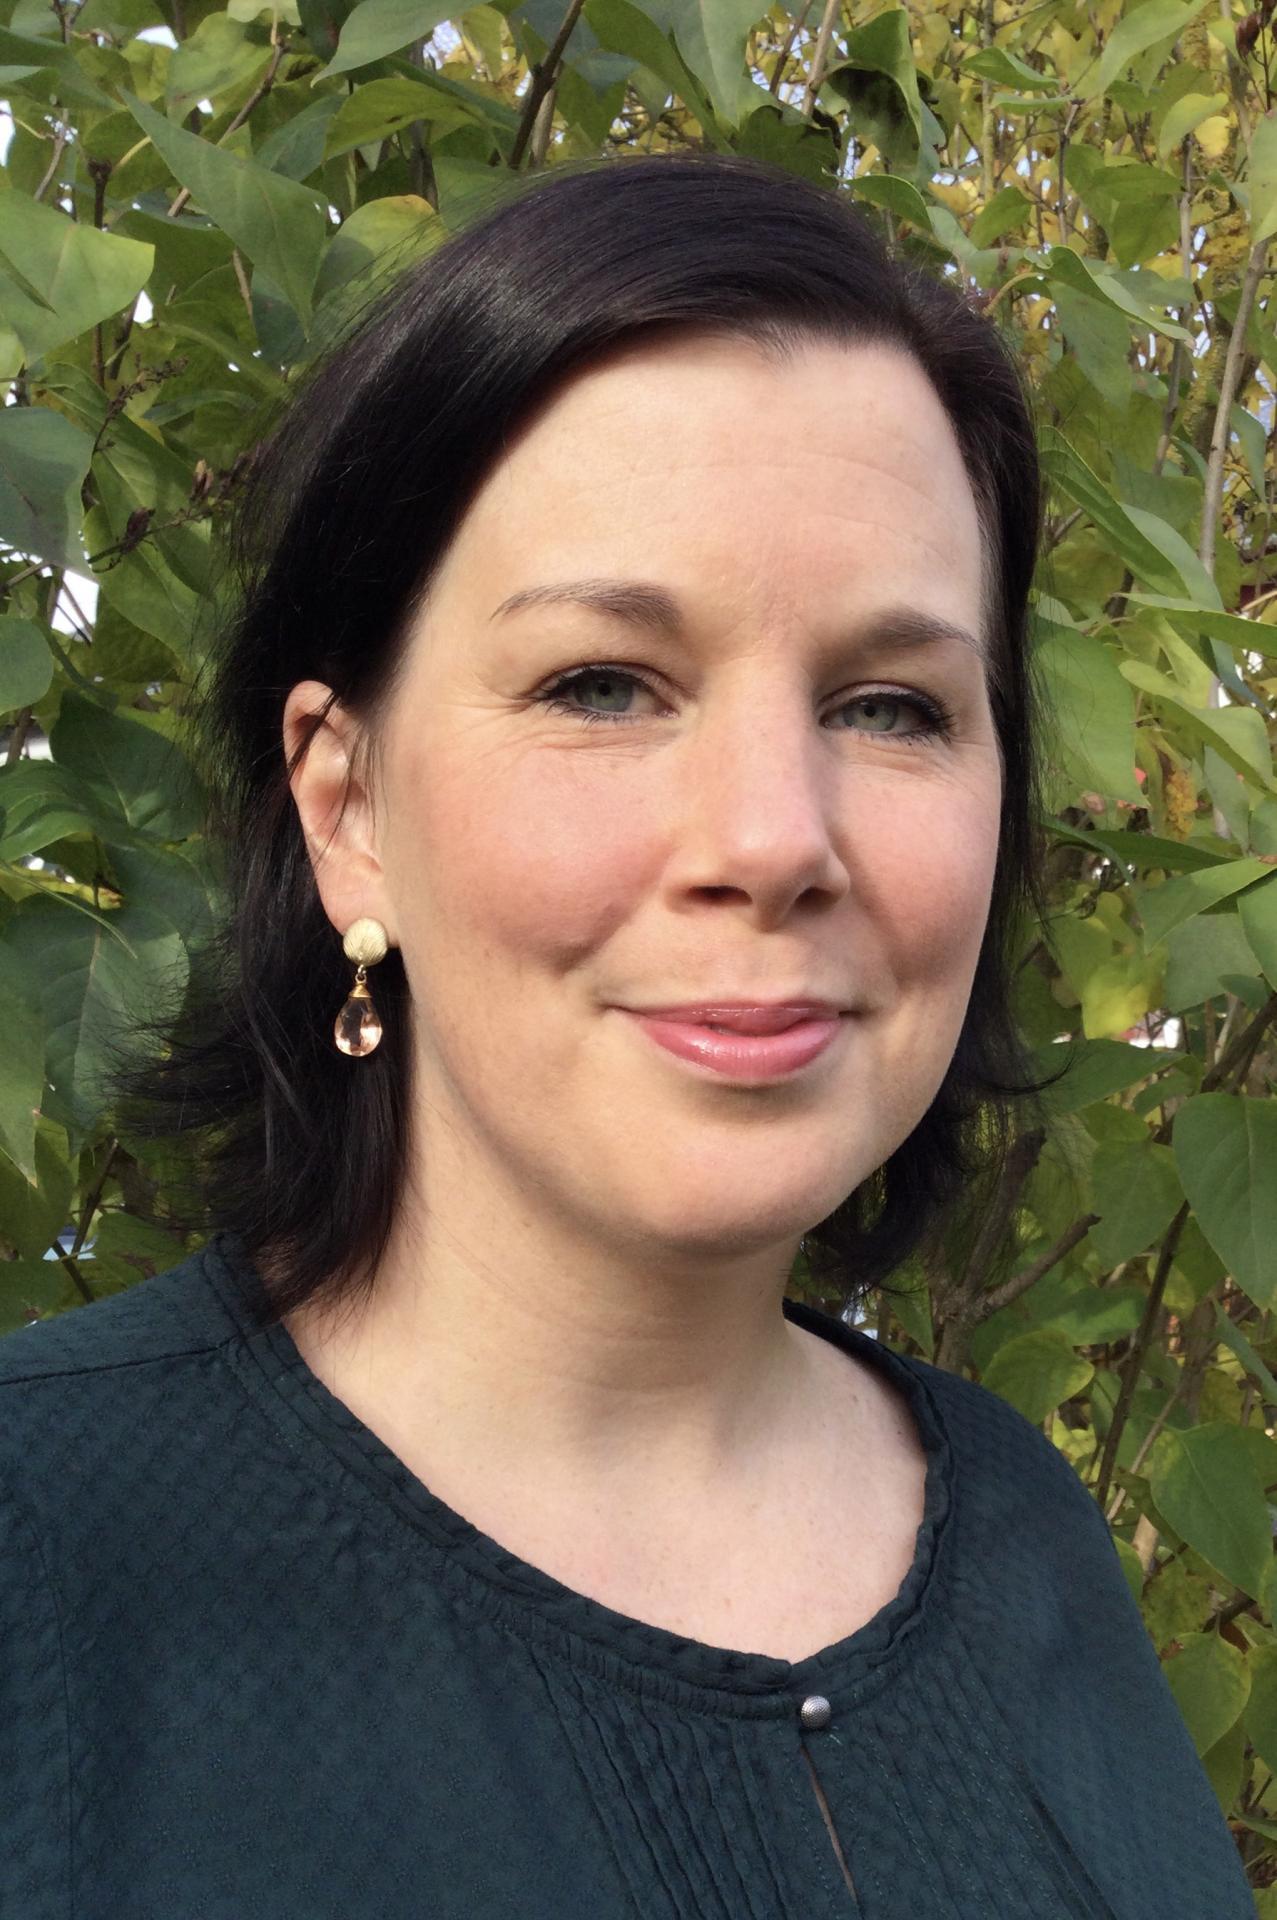 Lena von Schenckendorff